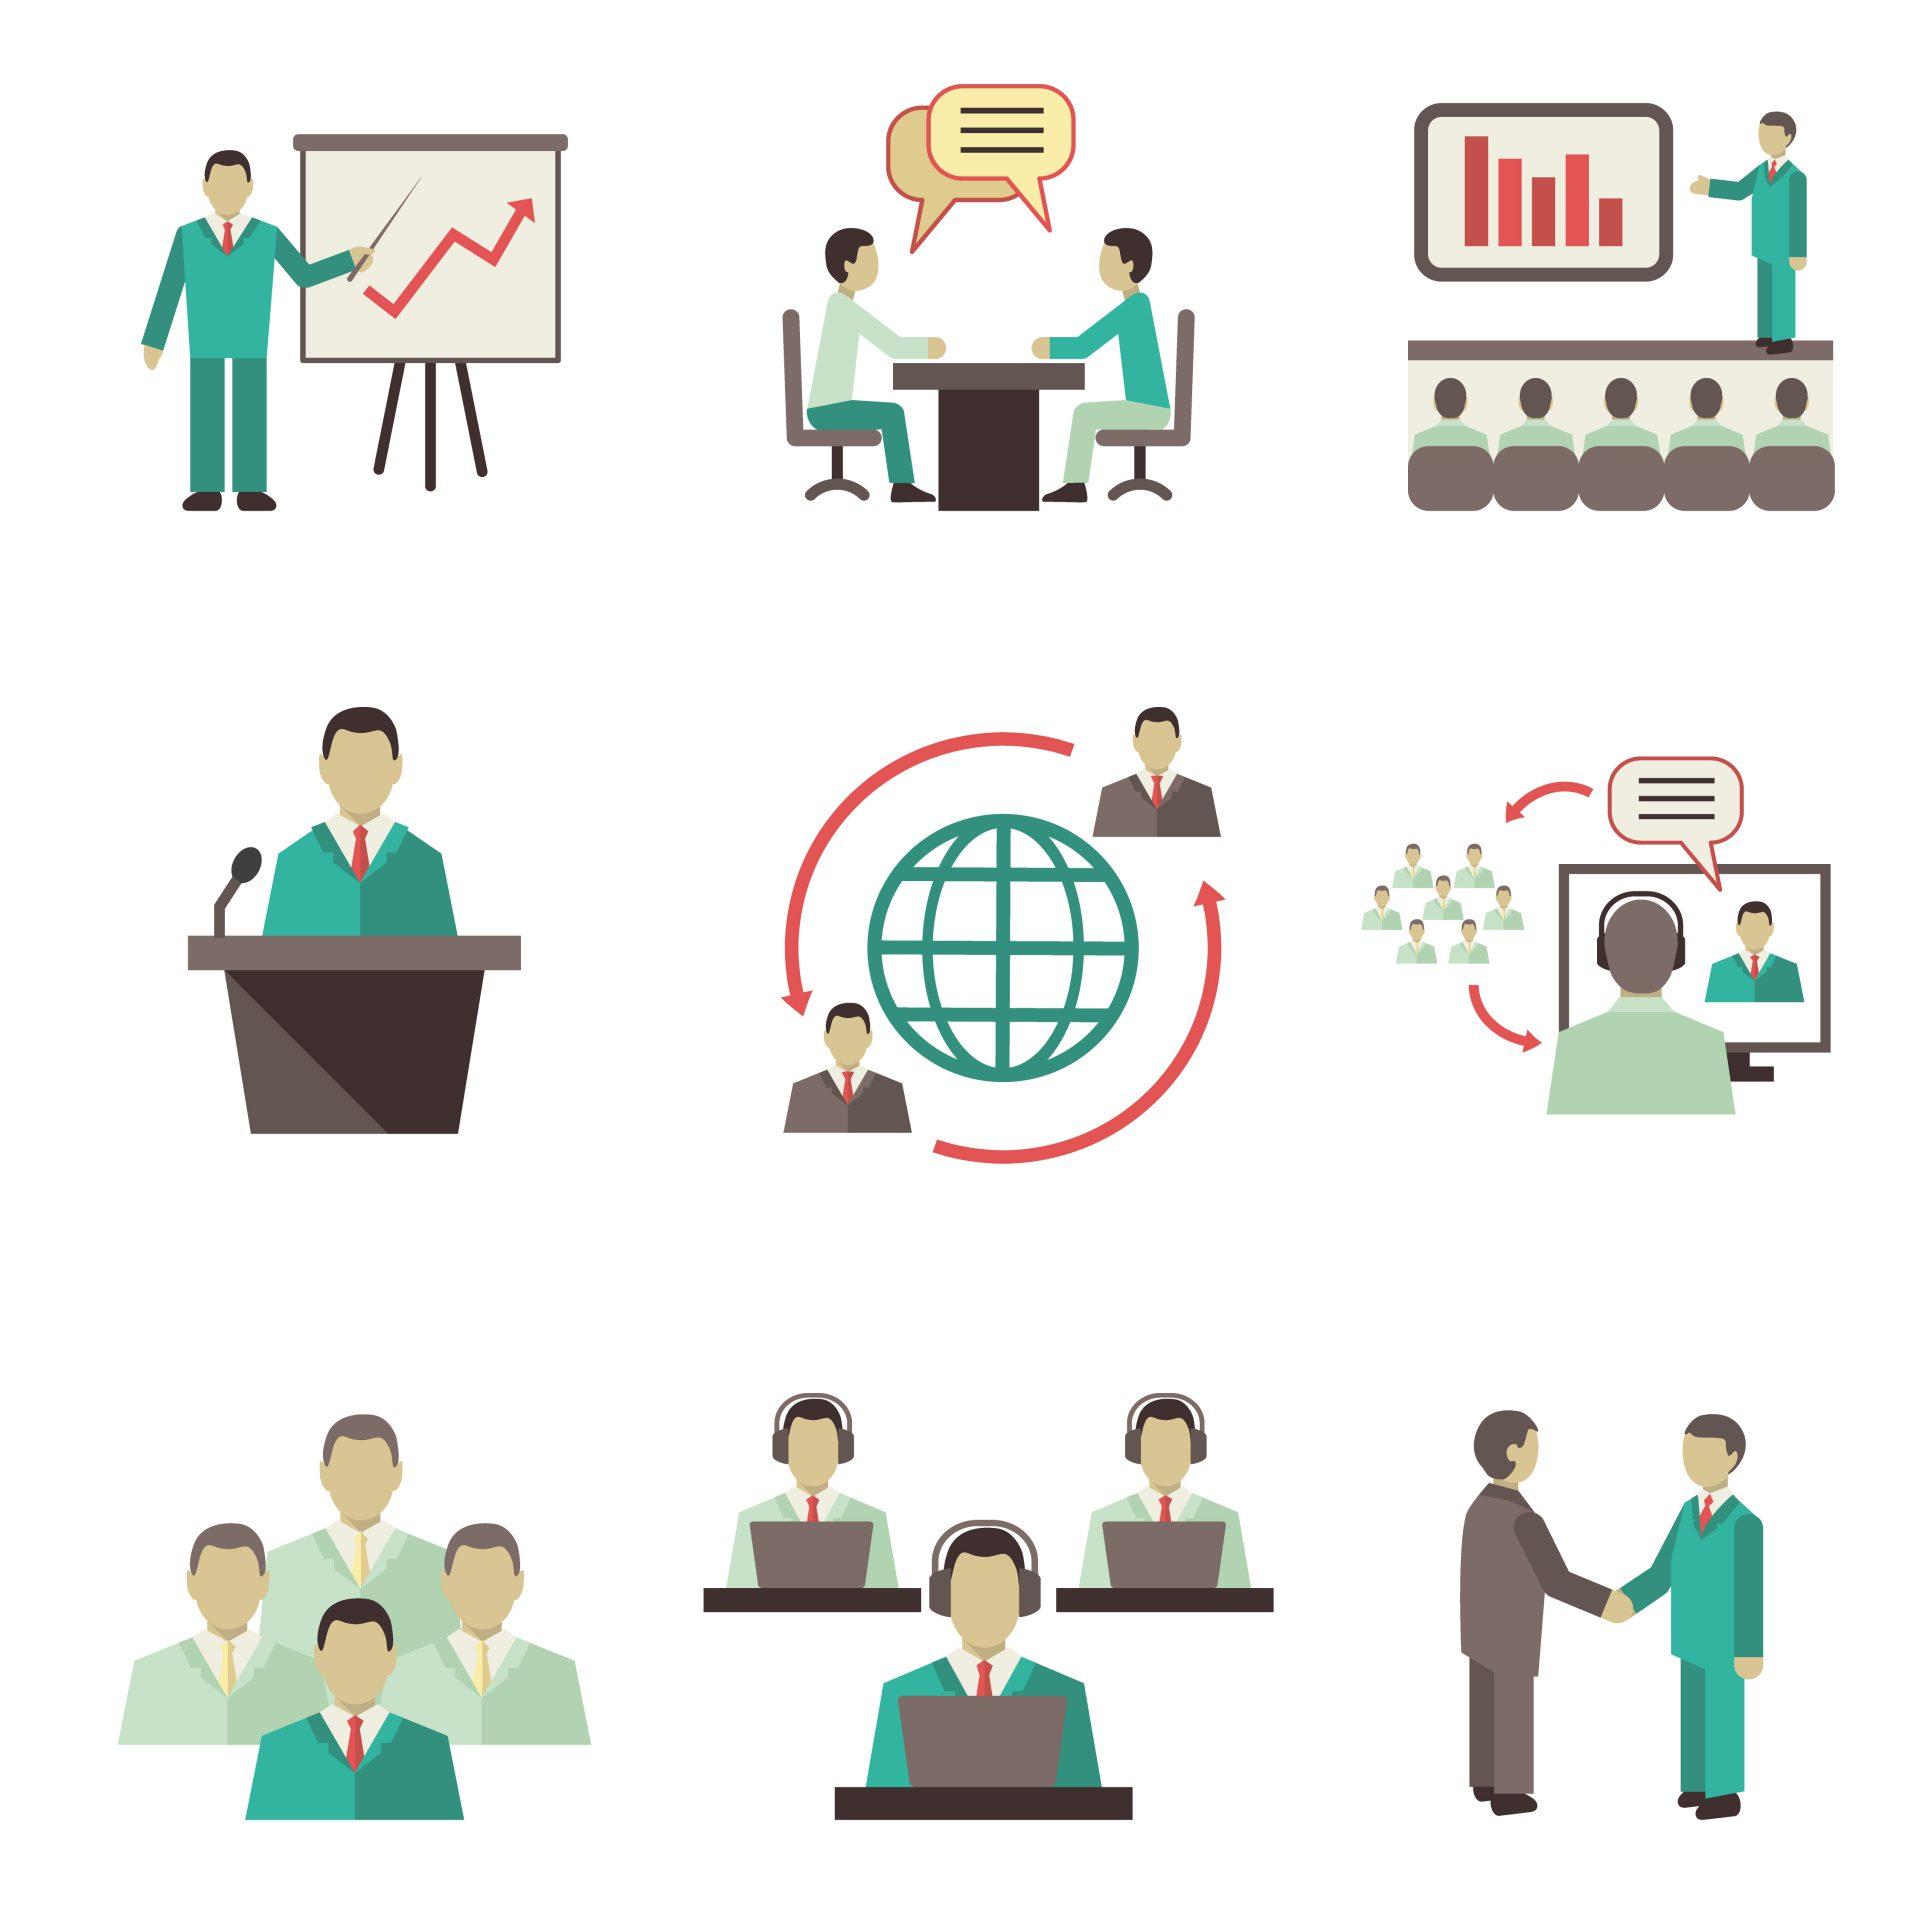 5 نقش حیاتی در مدیریت پروژه